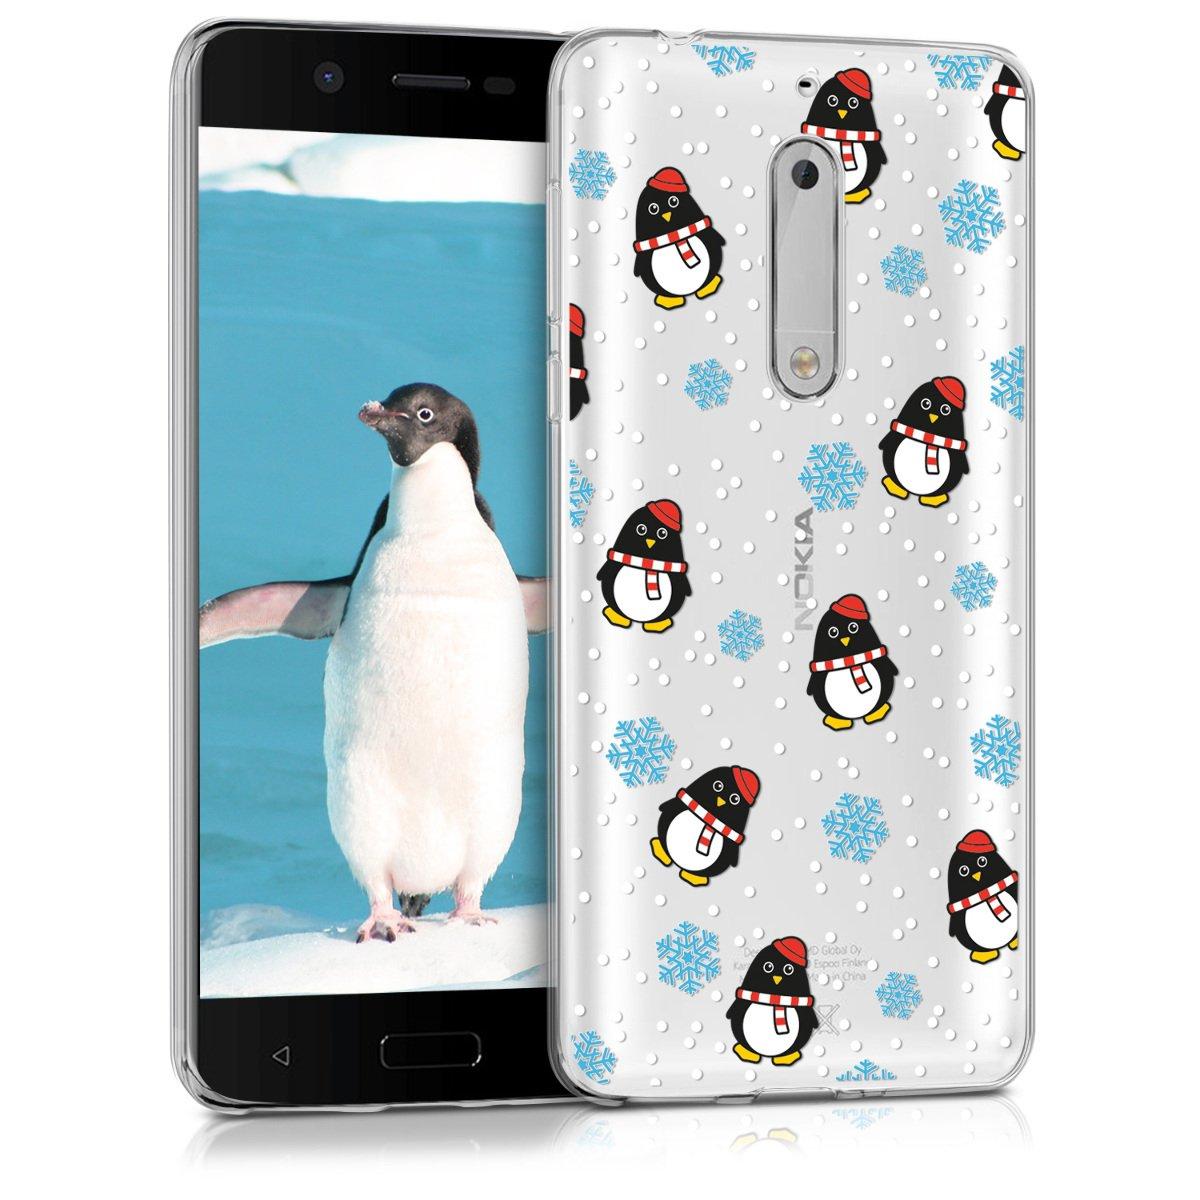 Stofftiere Wunderschöner weicher Pinguin super look